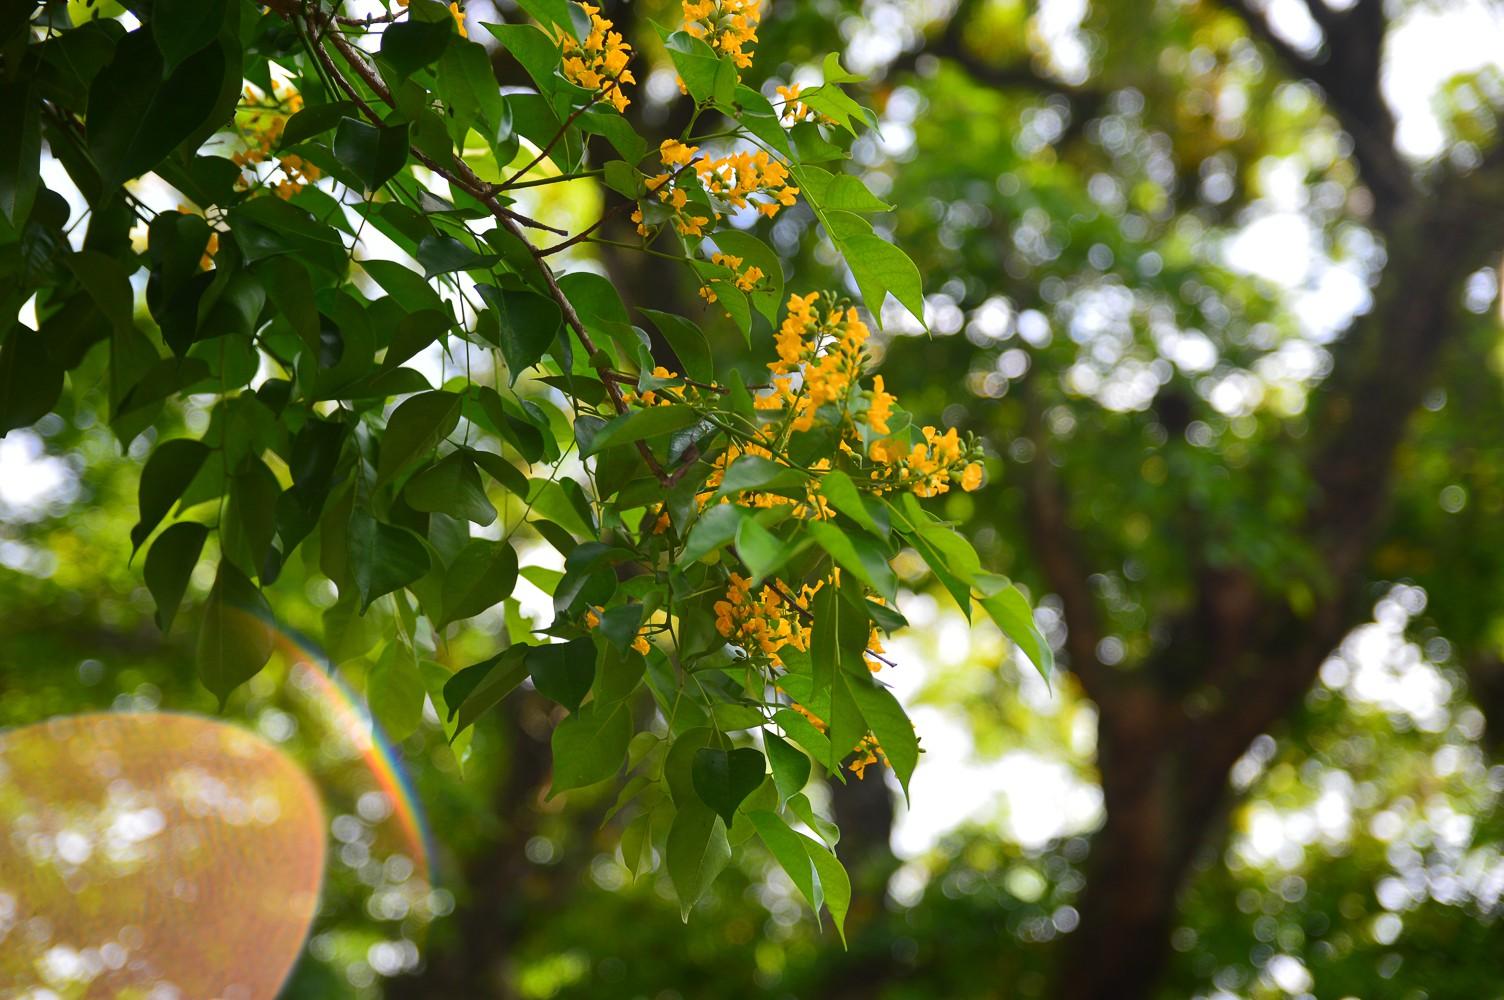 Mùa hoa sưa vàng trời Quảng Nam khiến bao người thổn thức - Ảnh 3.